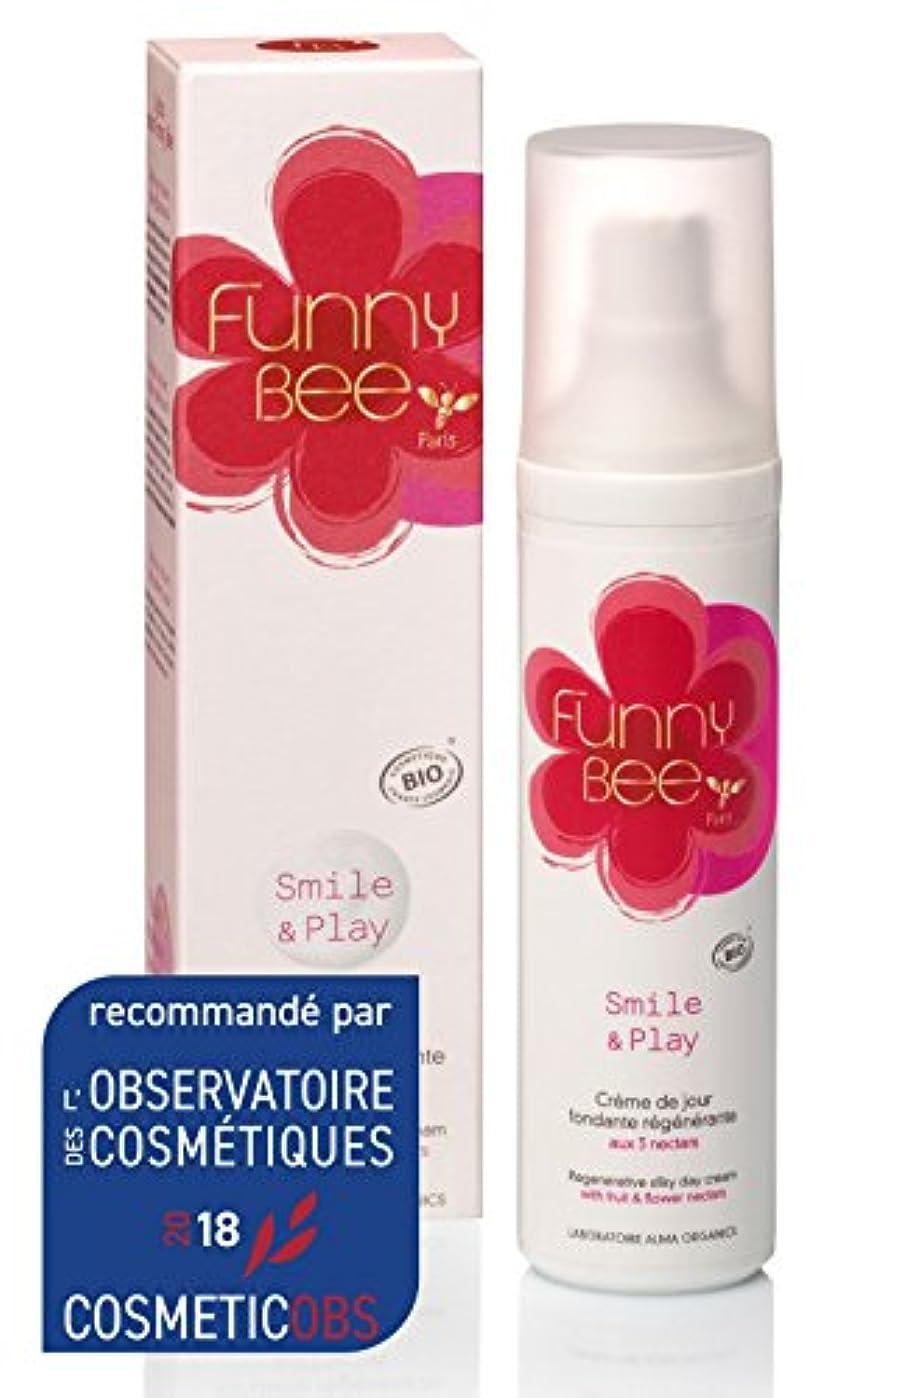 キリマンジャロ好む倫理Funny Bee Paris(ファニービーパリ) スマイル&プレイ 50ml